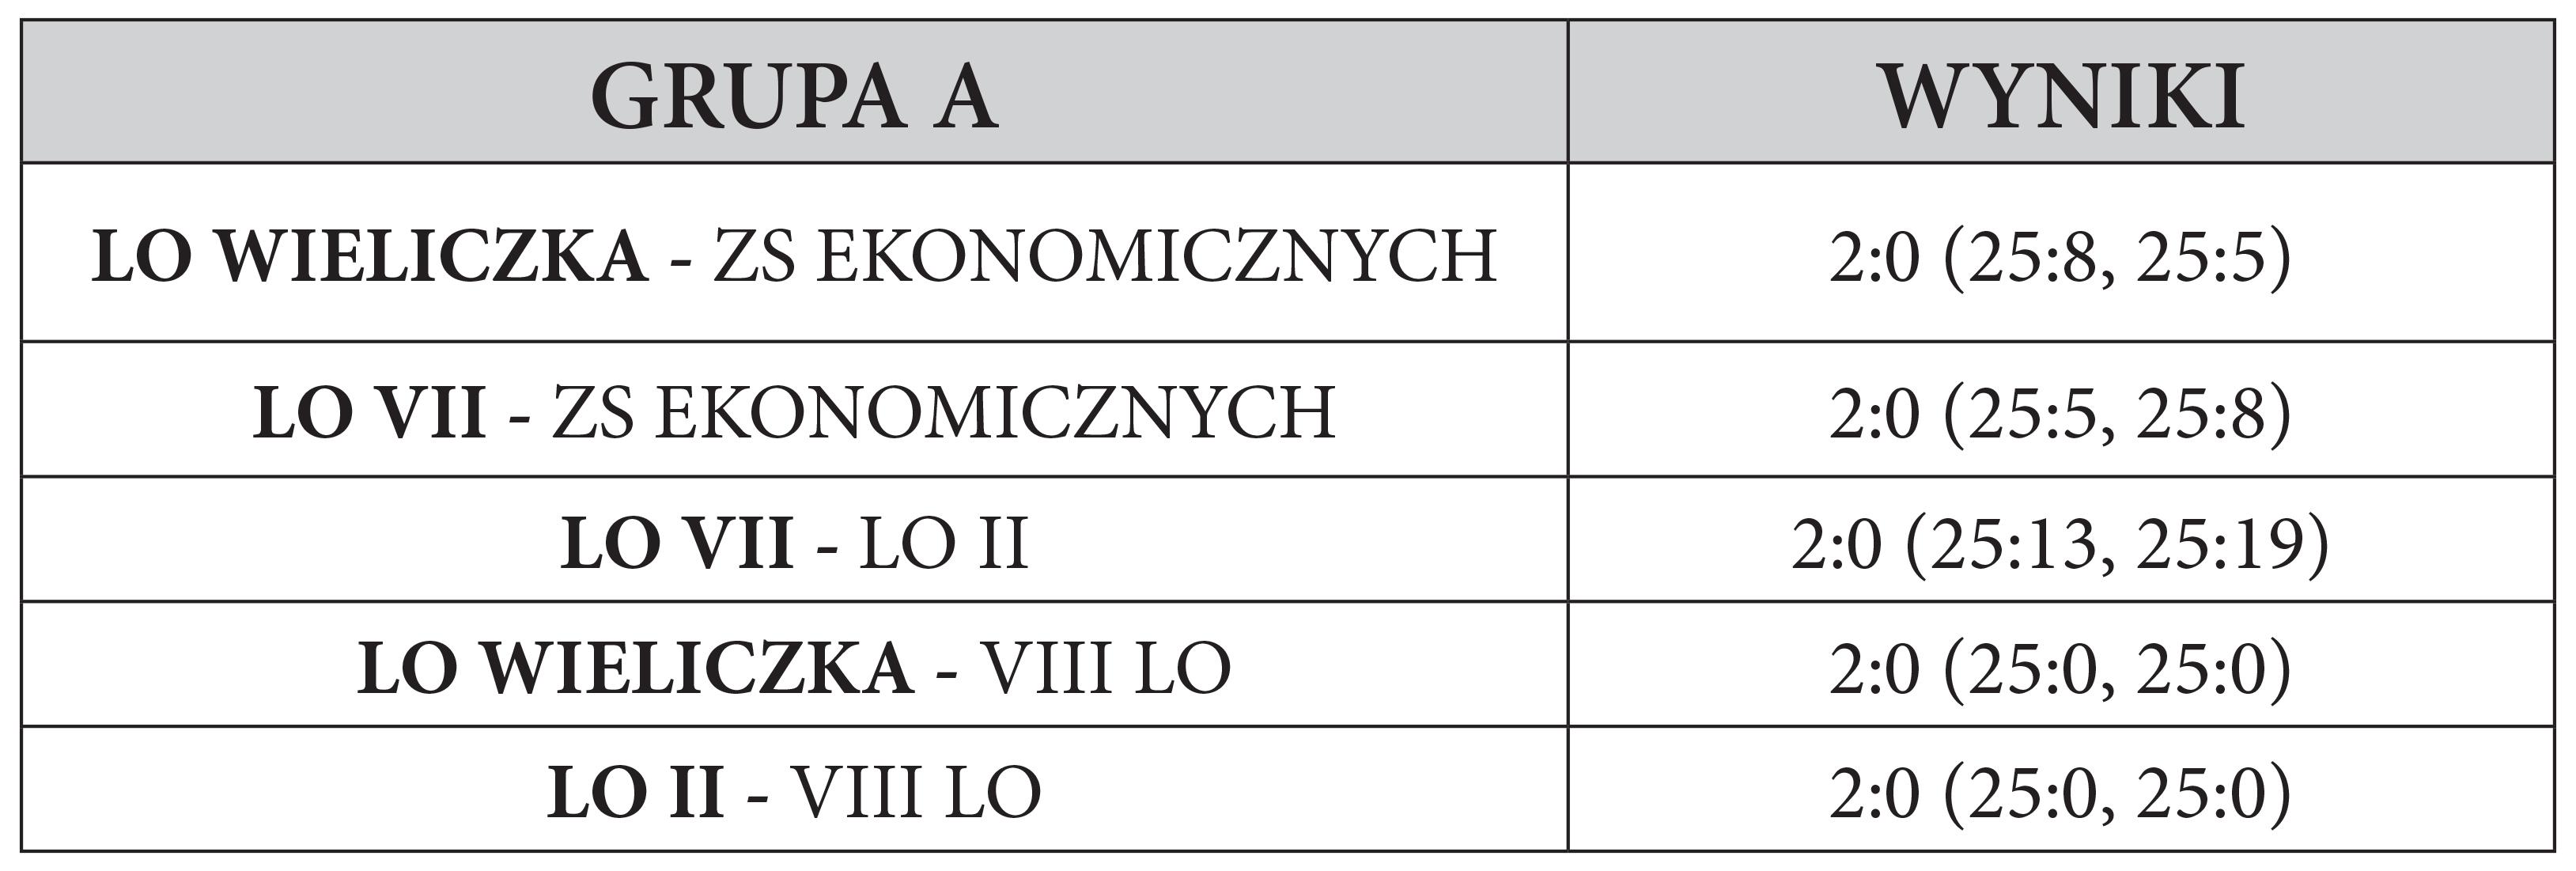 Wyniki spotkań grupy A